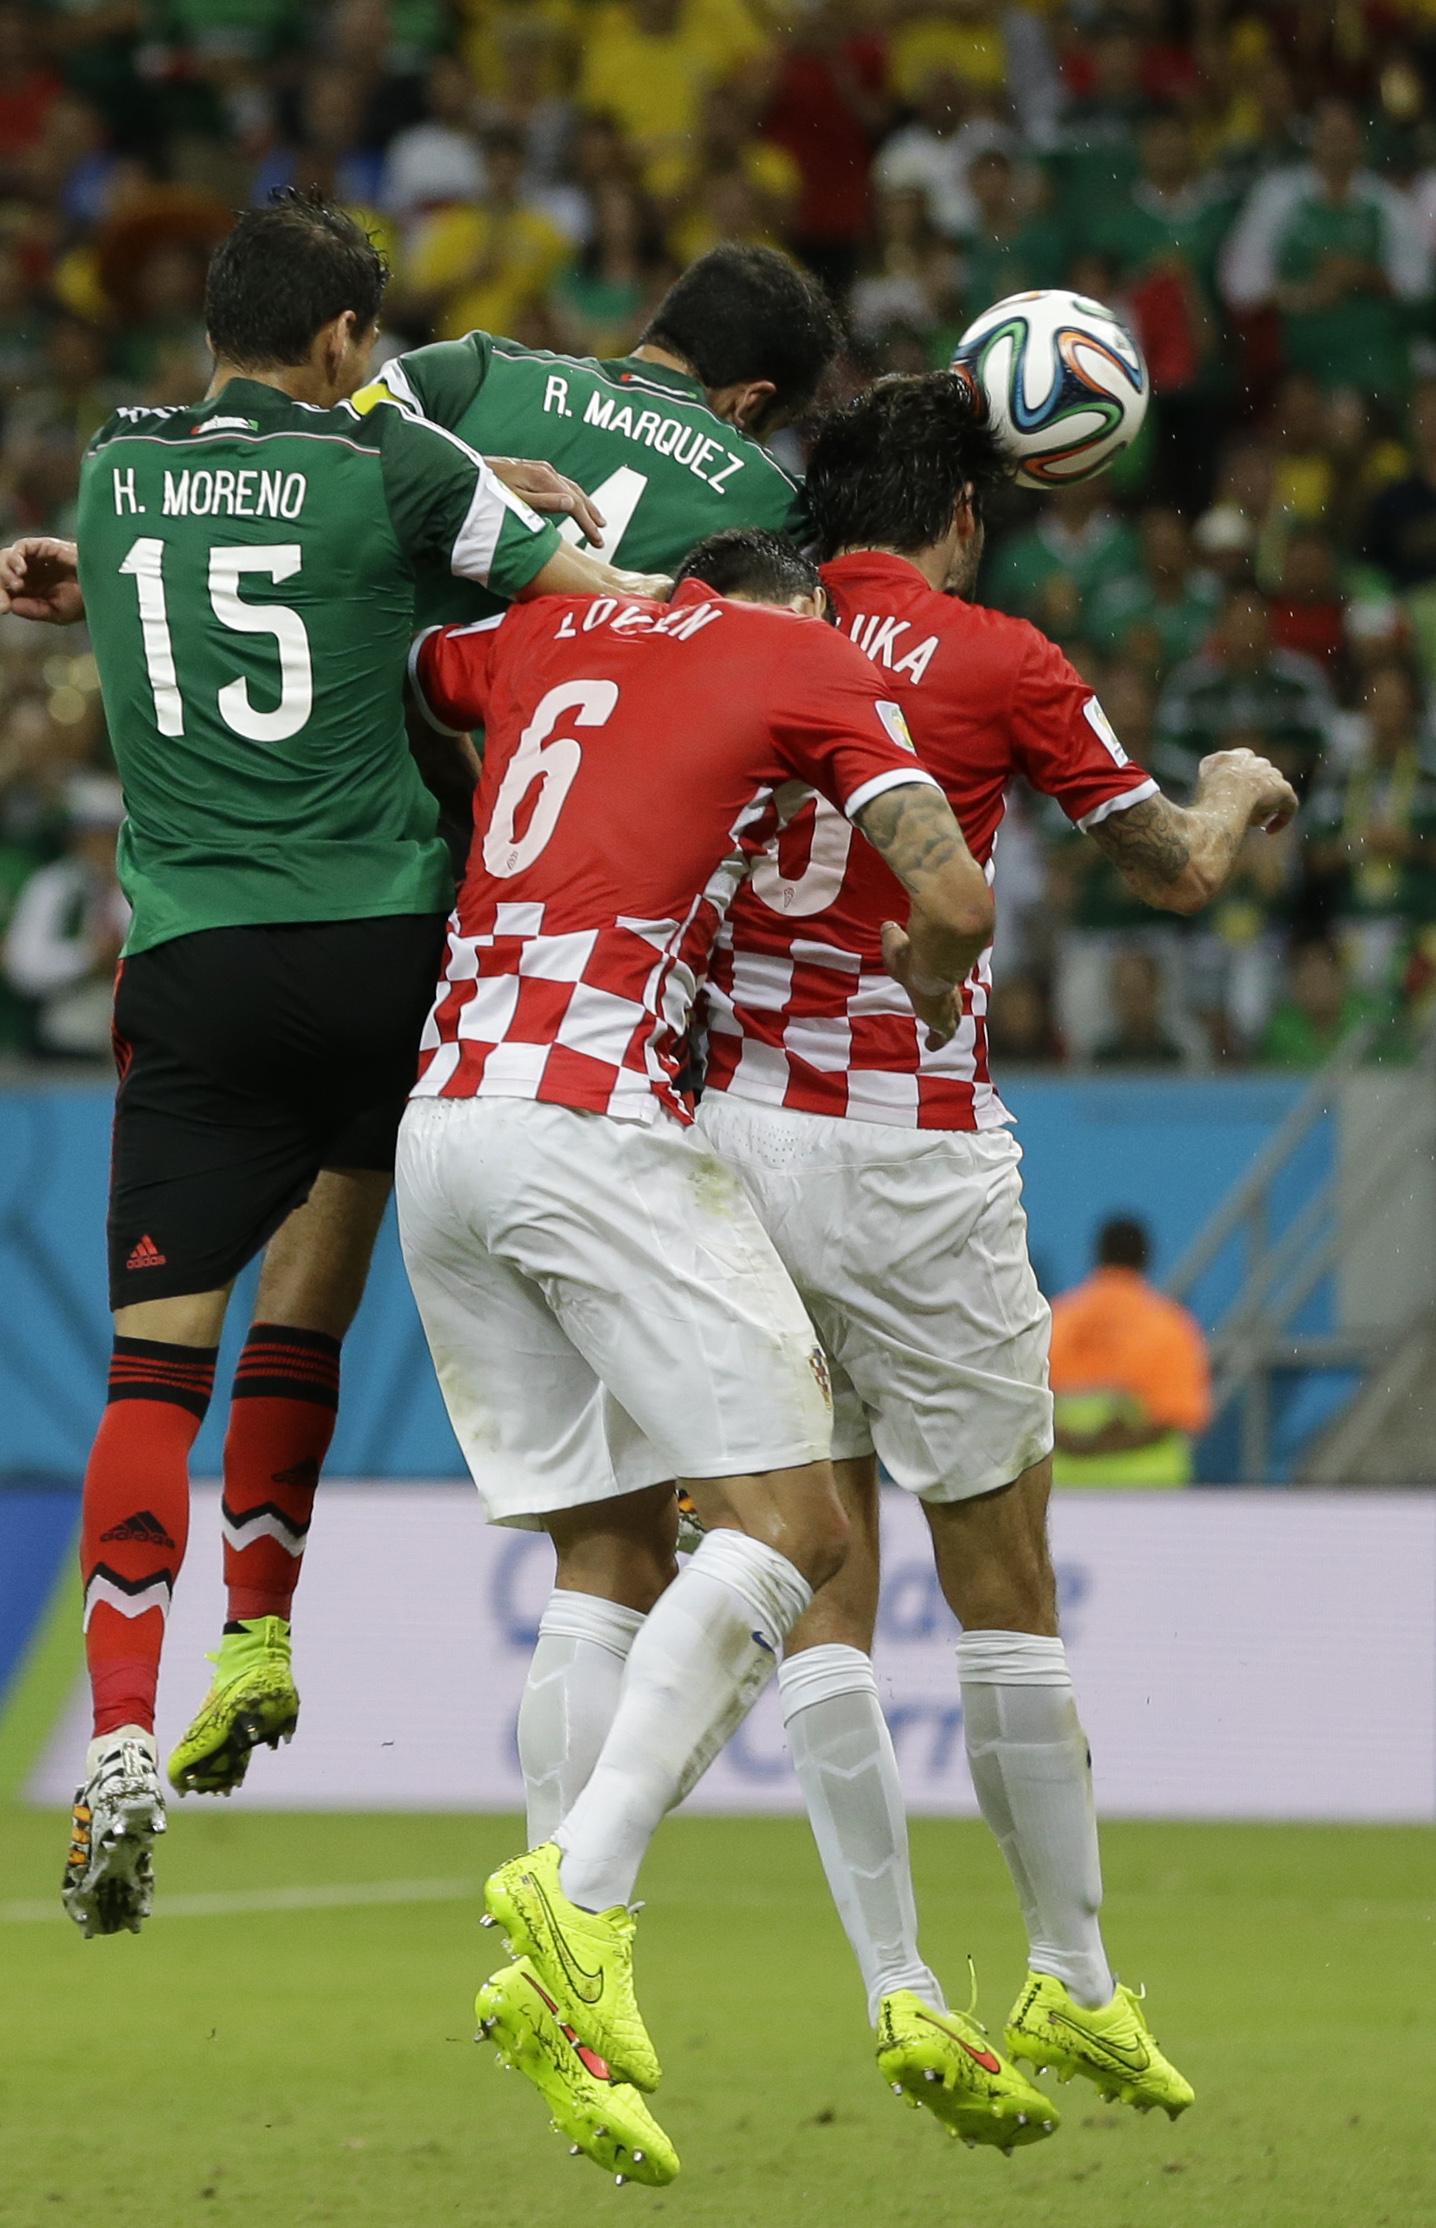 [荷蘭] 墨西哥分組出線 世足16強對決荷蘭 @ urnews 你的熱門新聞 :: 痞客邦